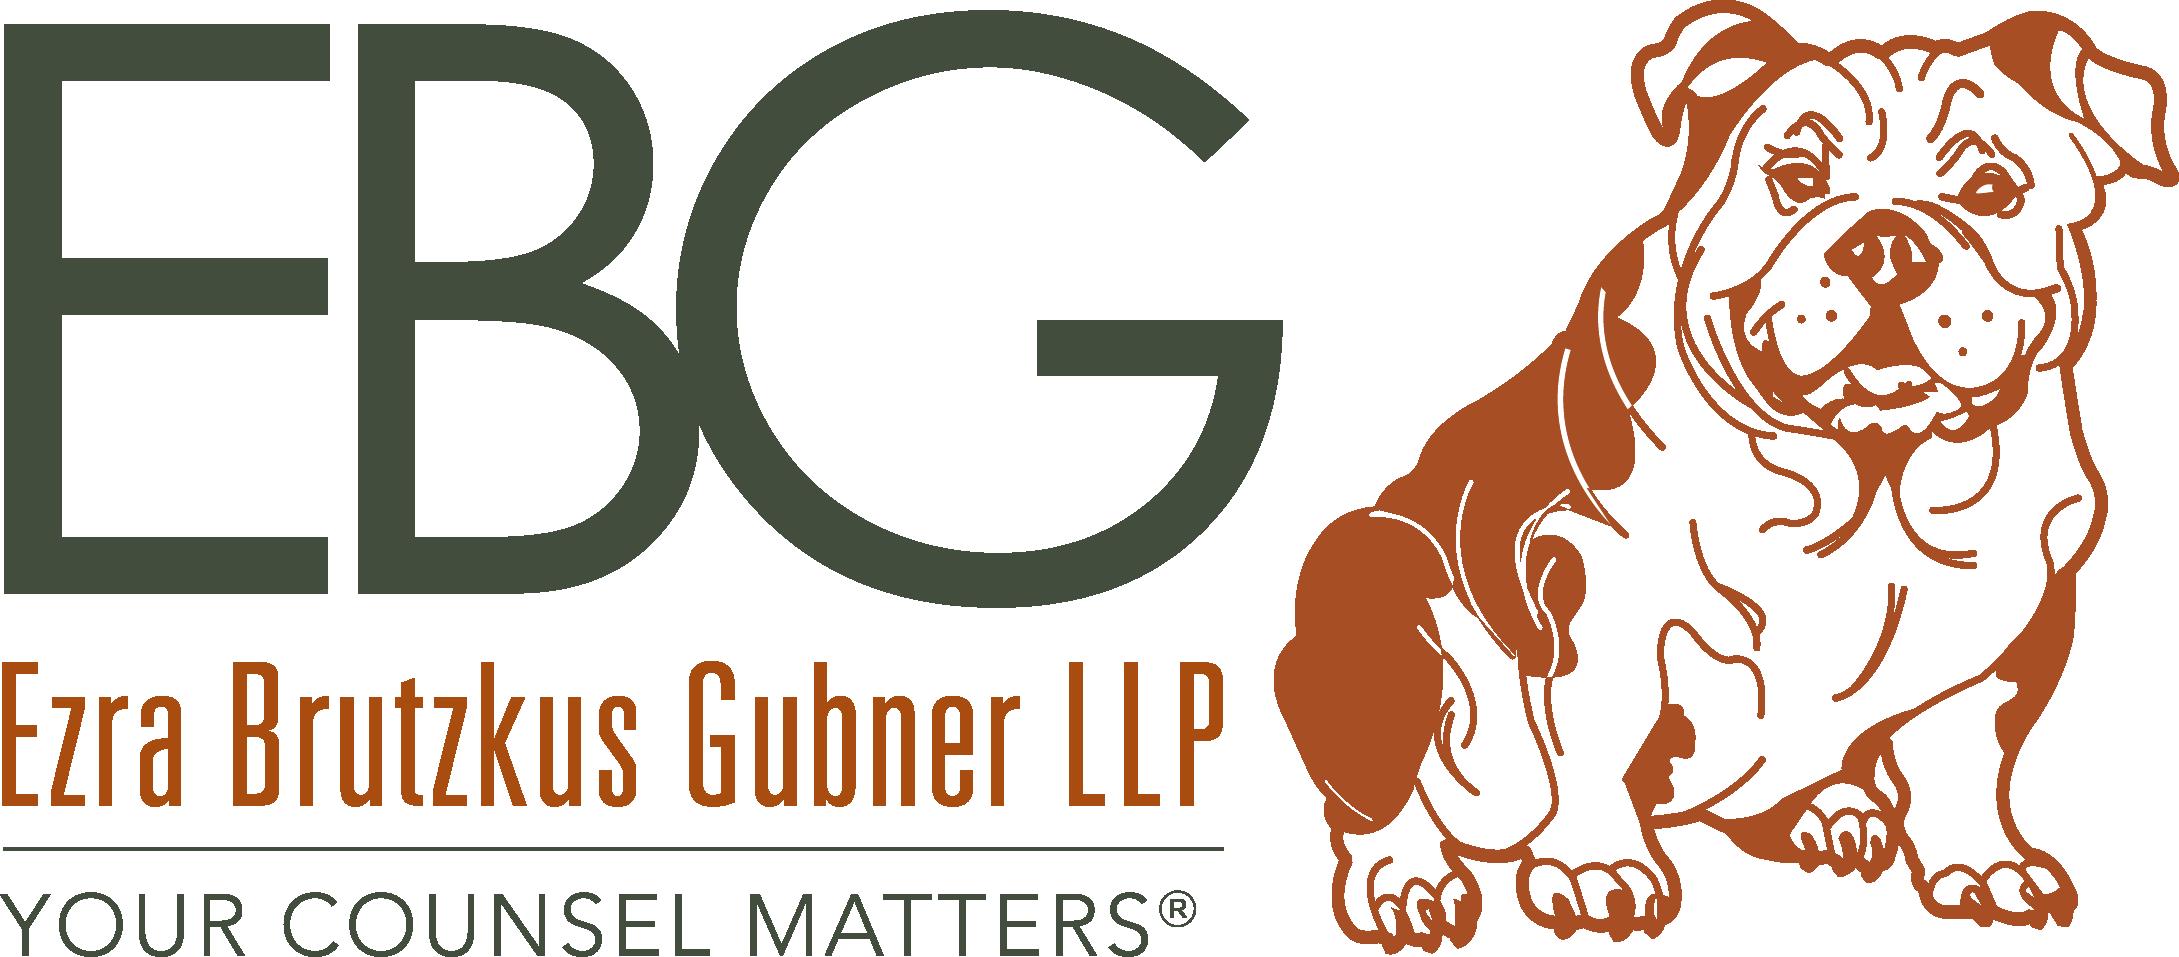 EBG_Logo_Mastro w clear background.png